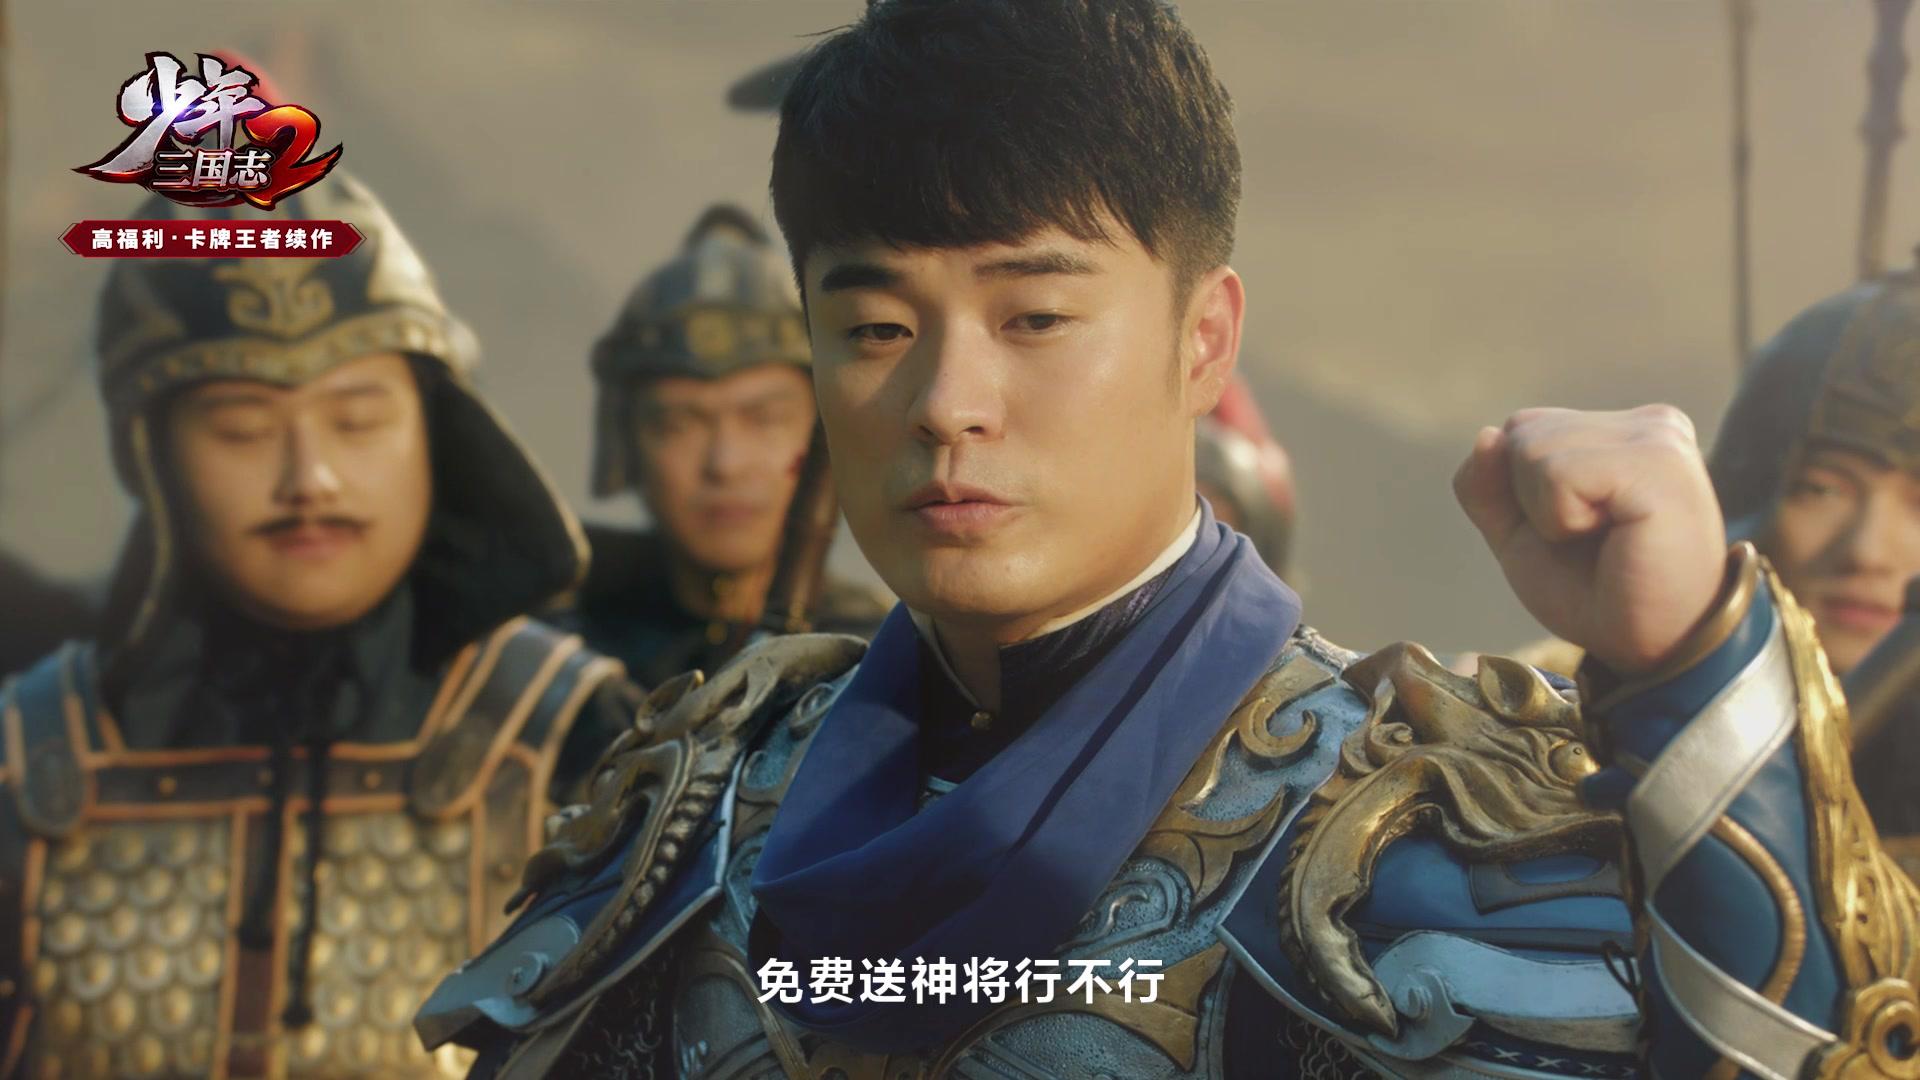 《少年三国志2》首席福利官陈赫首曝视频